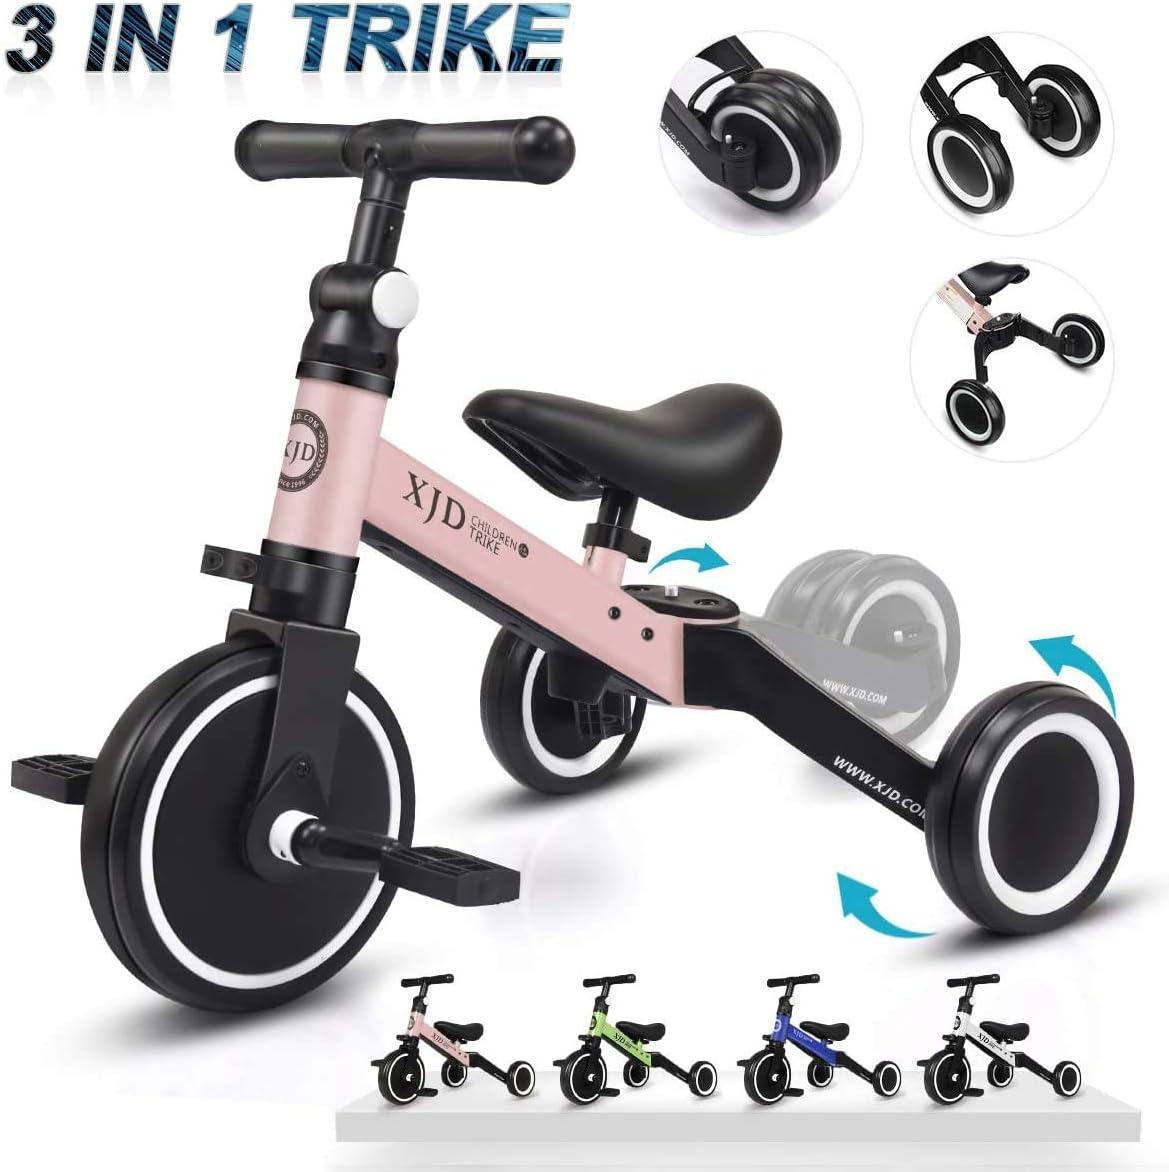 XJD 3 in 1 Kinder Dreiräder für 13 Jahre Alt Kleinkind Jungen Mä (Hellrosa)